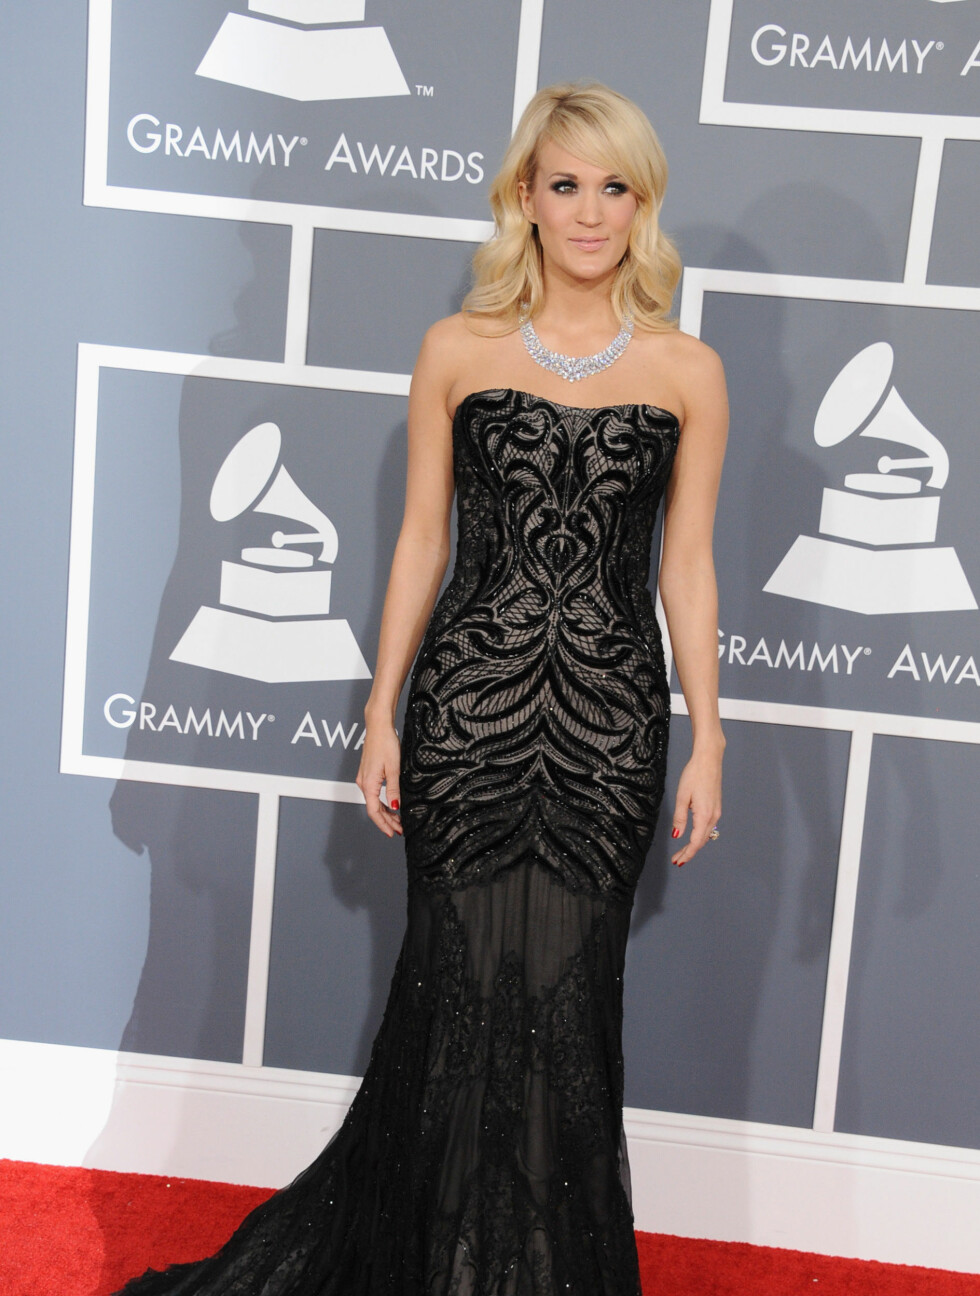 I SIVIL: Slik så Carrie Underwood ut, da hun ankom Grammy-festen. Foto: All Over Press